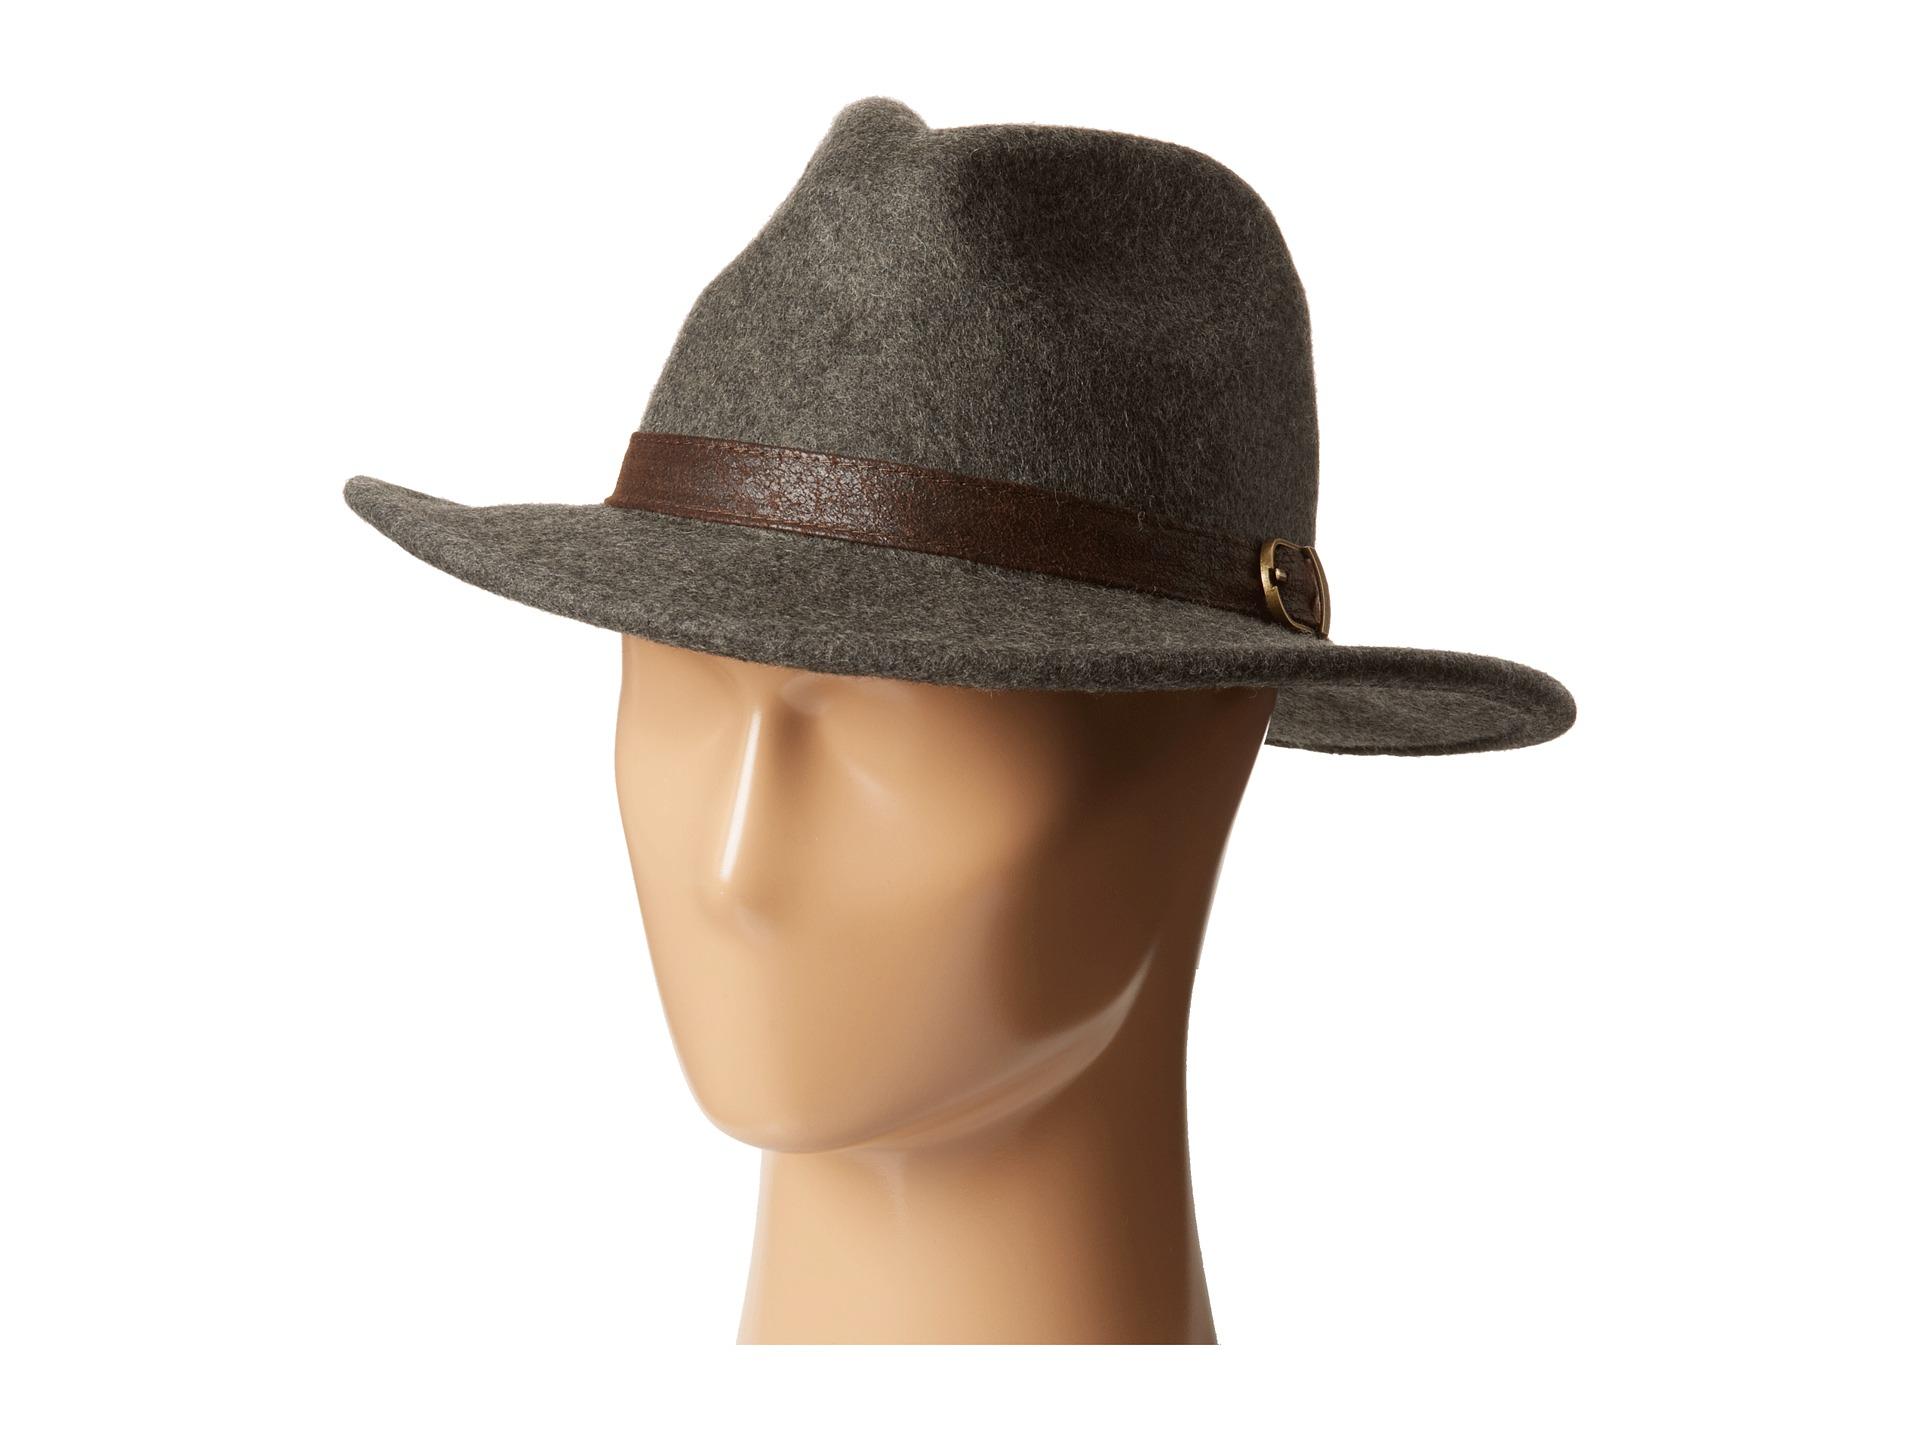 Lyst - San Diego Hat Company Wfh7944 2.75